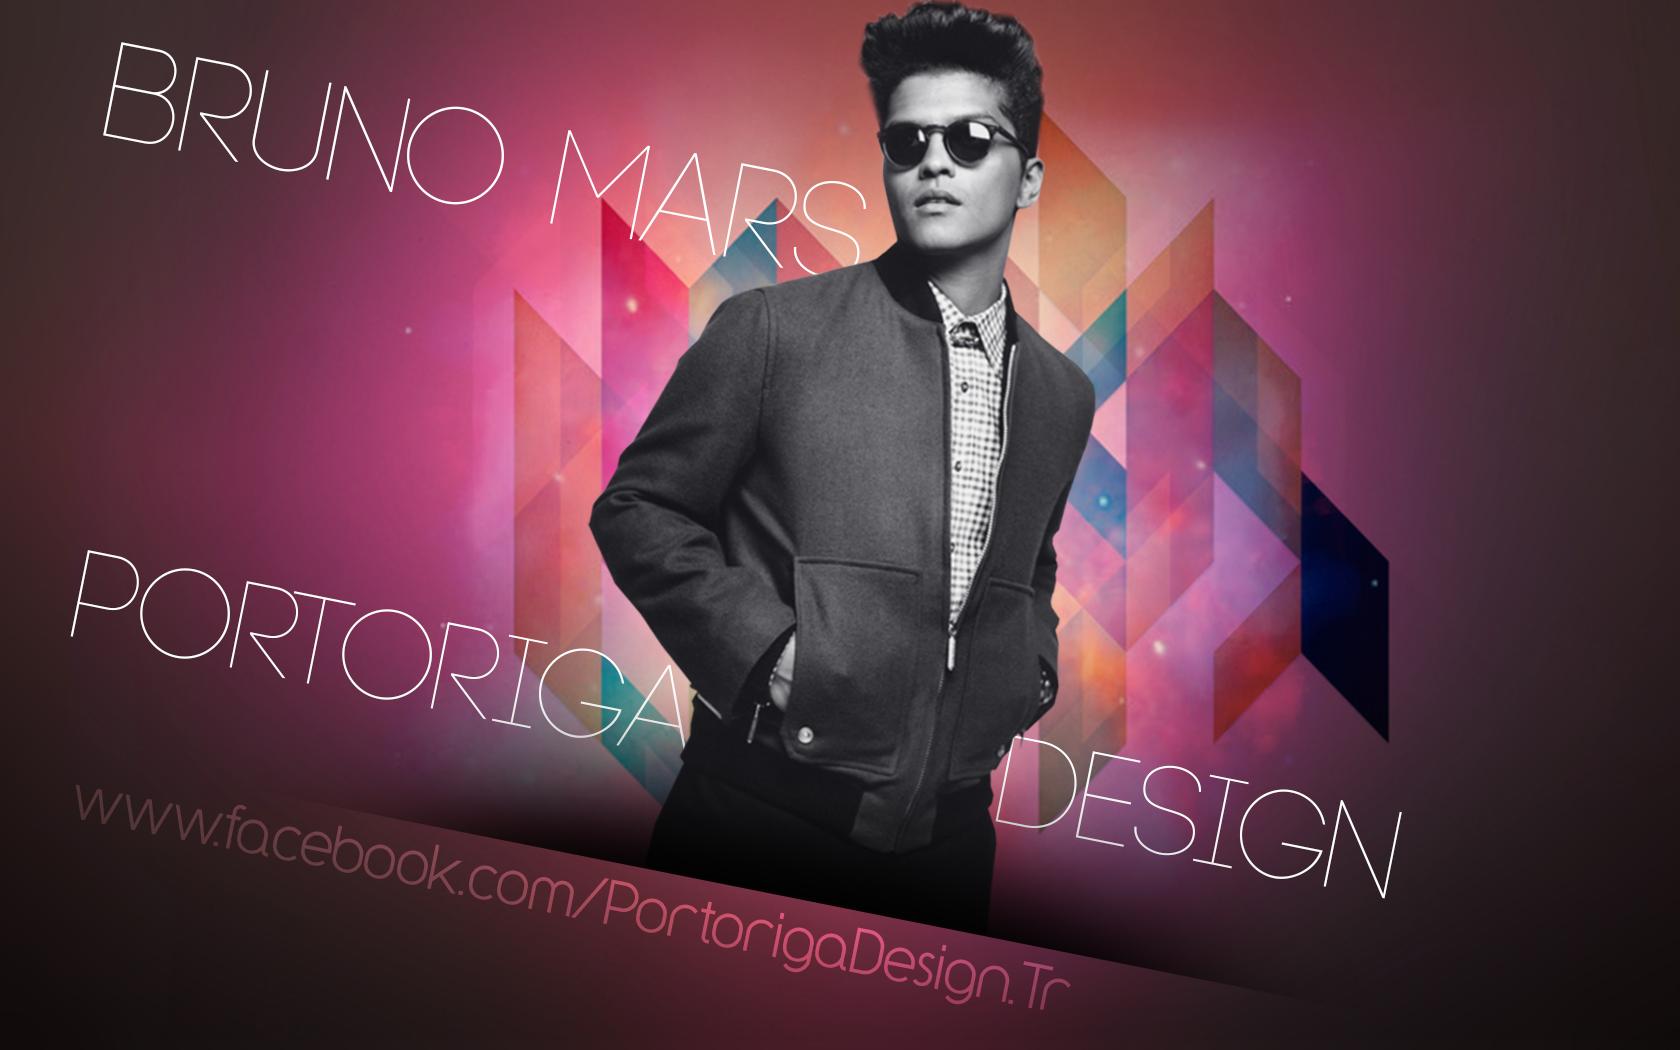 Bruno Mars Wallpaper By Portoriga On DeviantArt